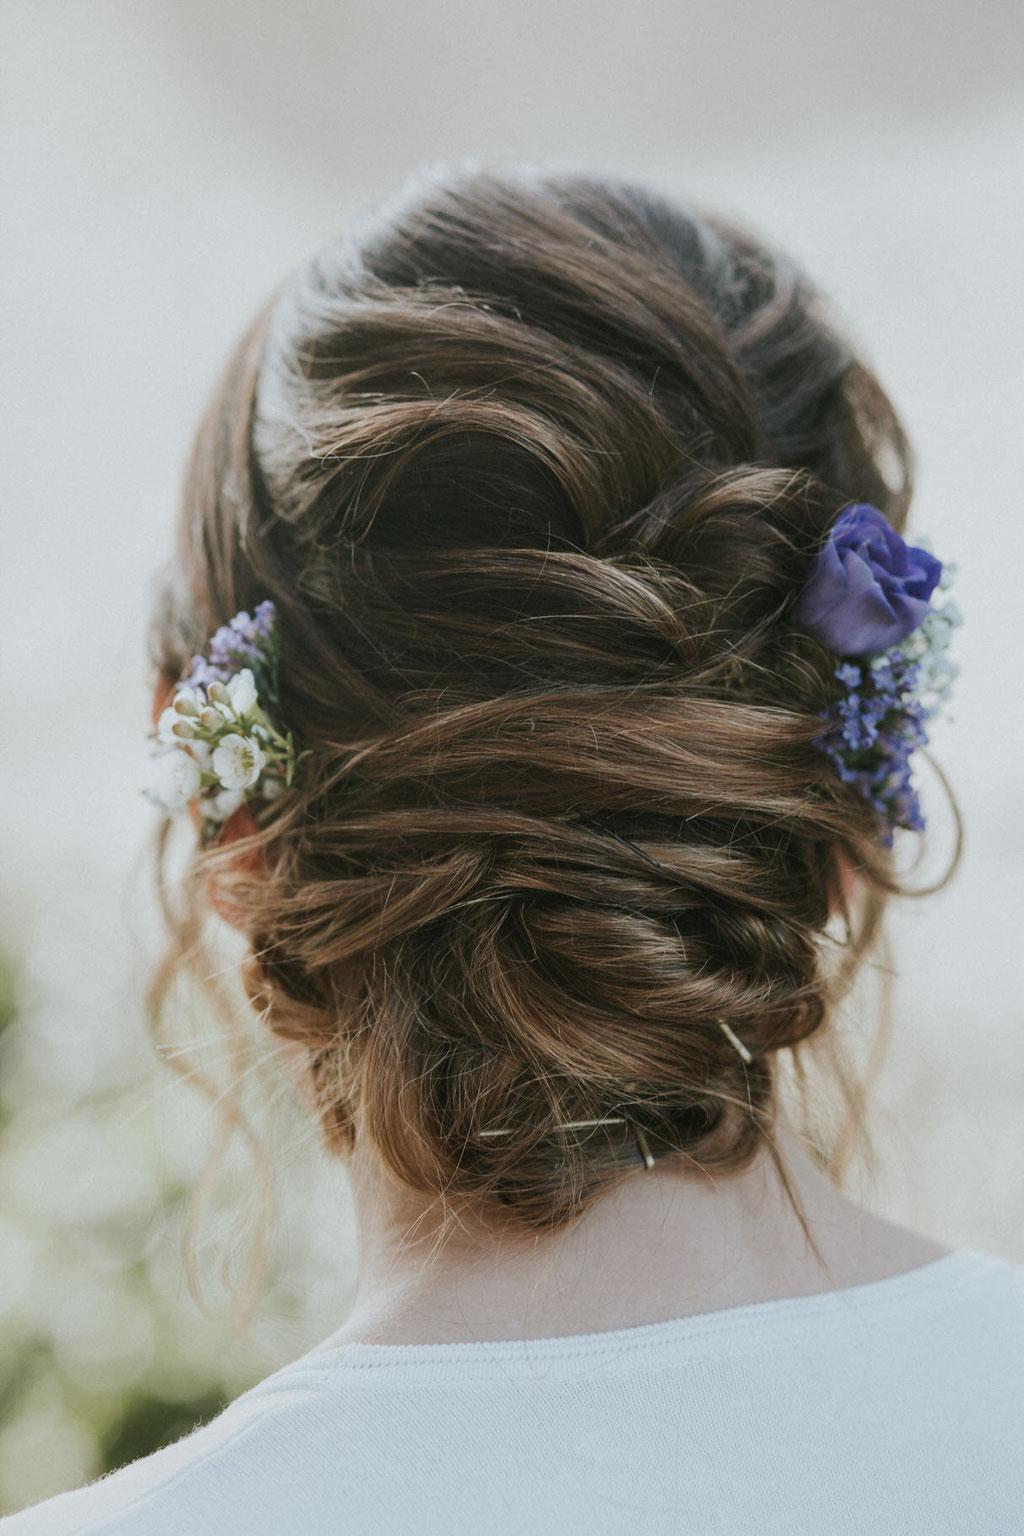 Hochzeitsfrisur mit echten Blumen im Haar